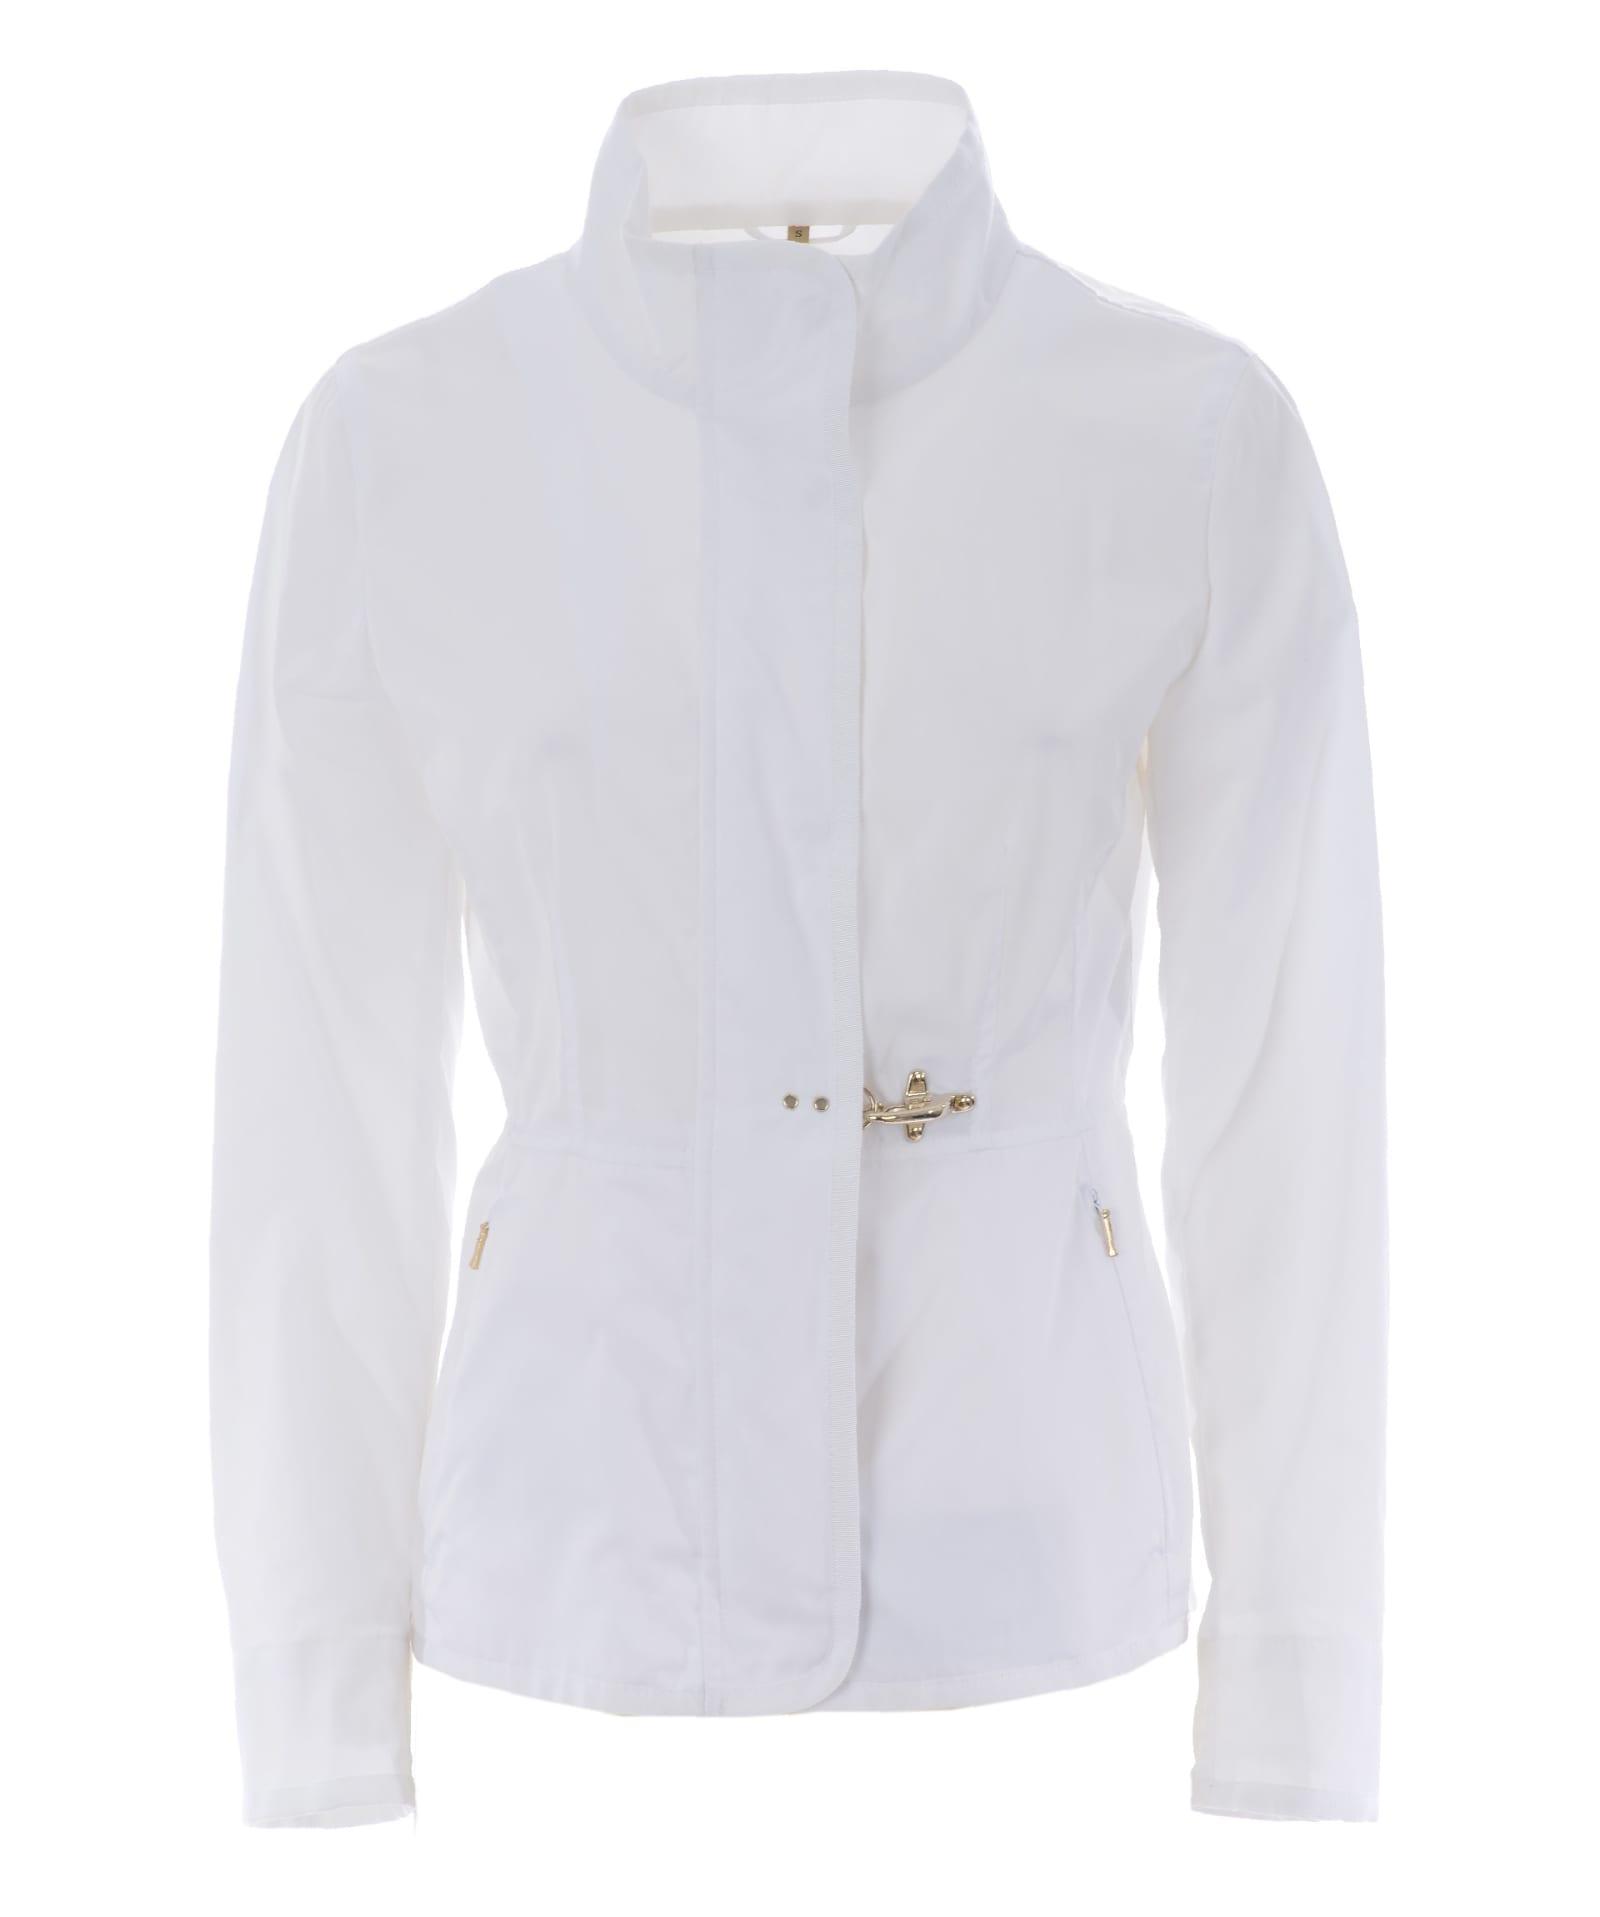 timeless design da842 1692d Virginia Jacket